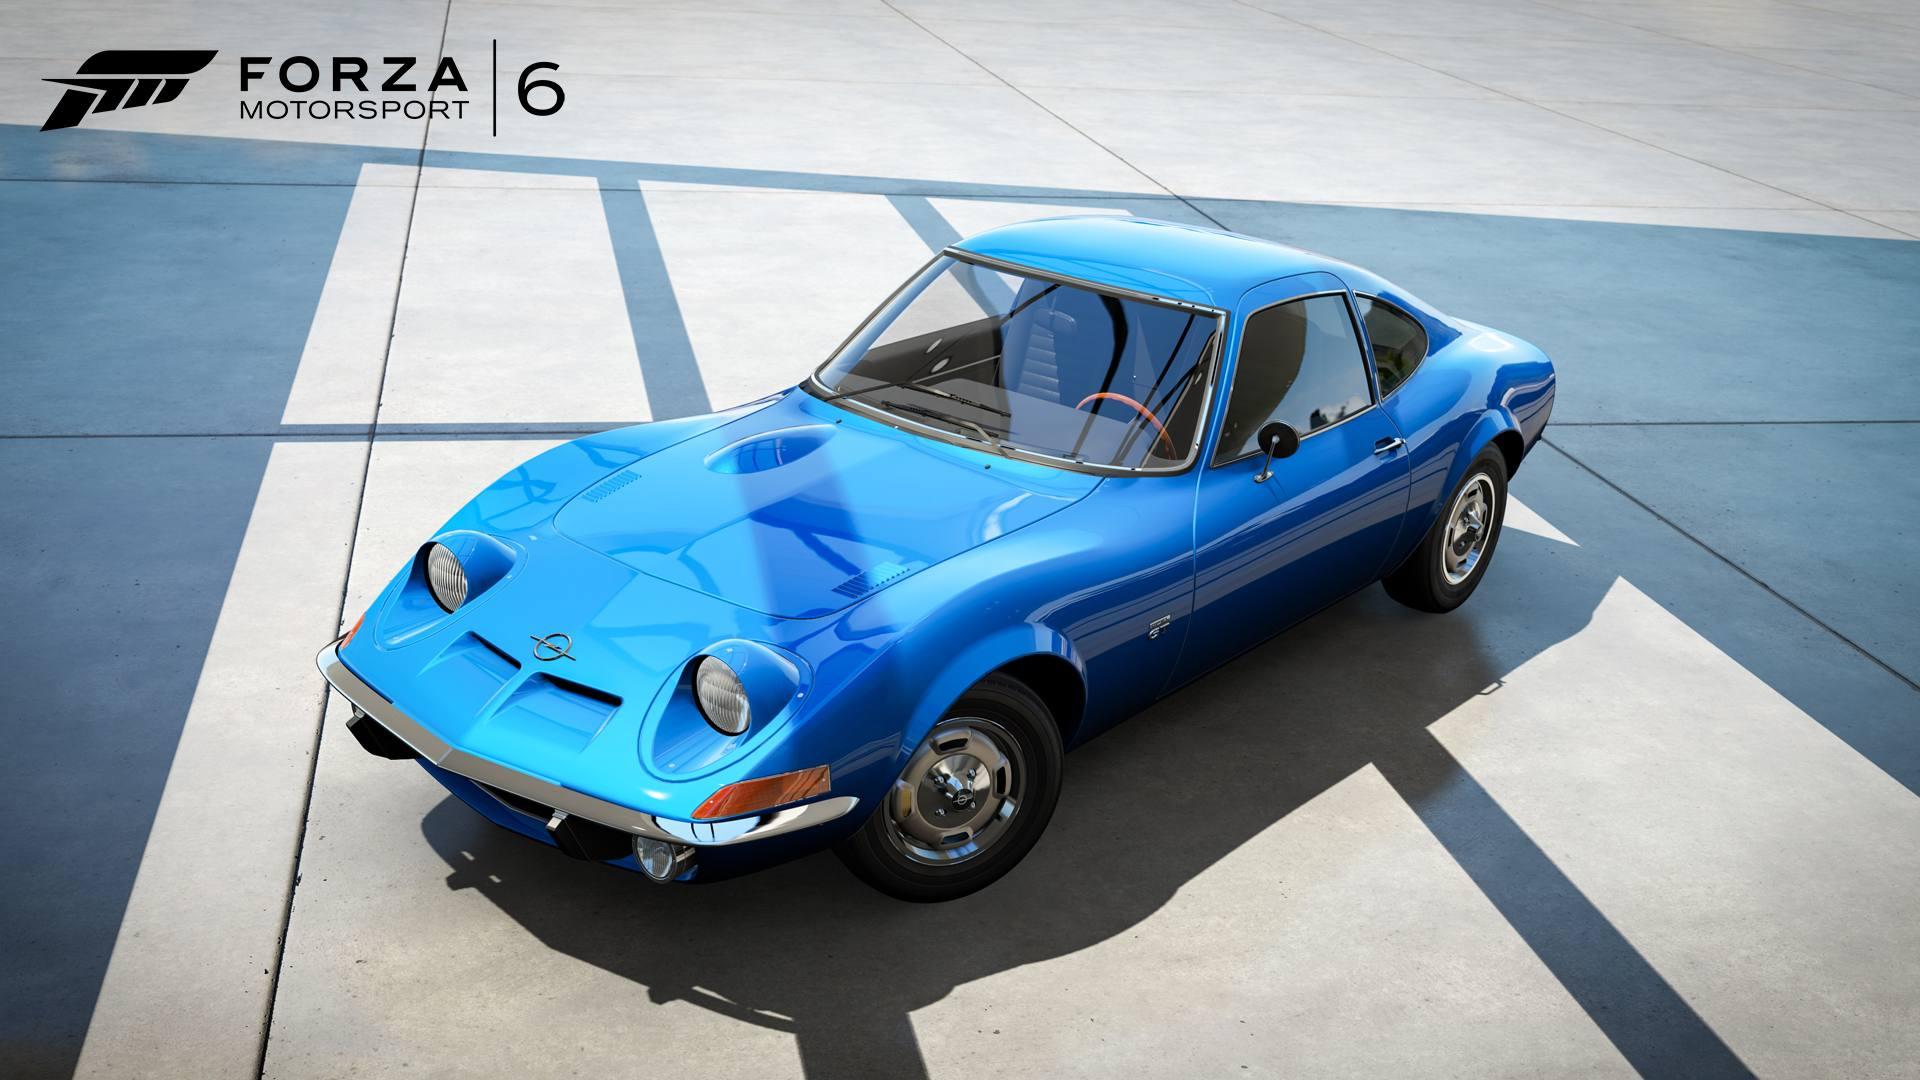 Forza Motorsport 6 14-03-16 1968 Opel GT 001